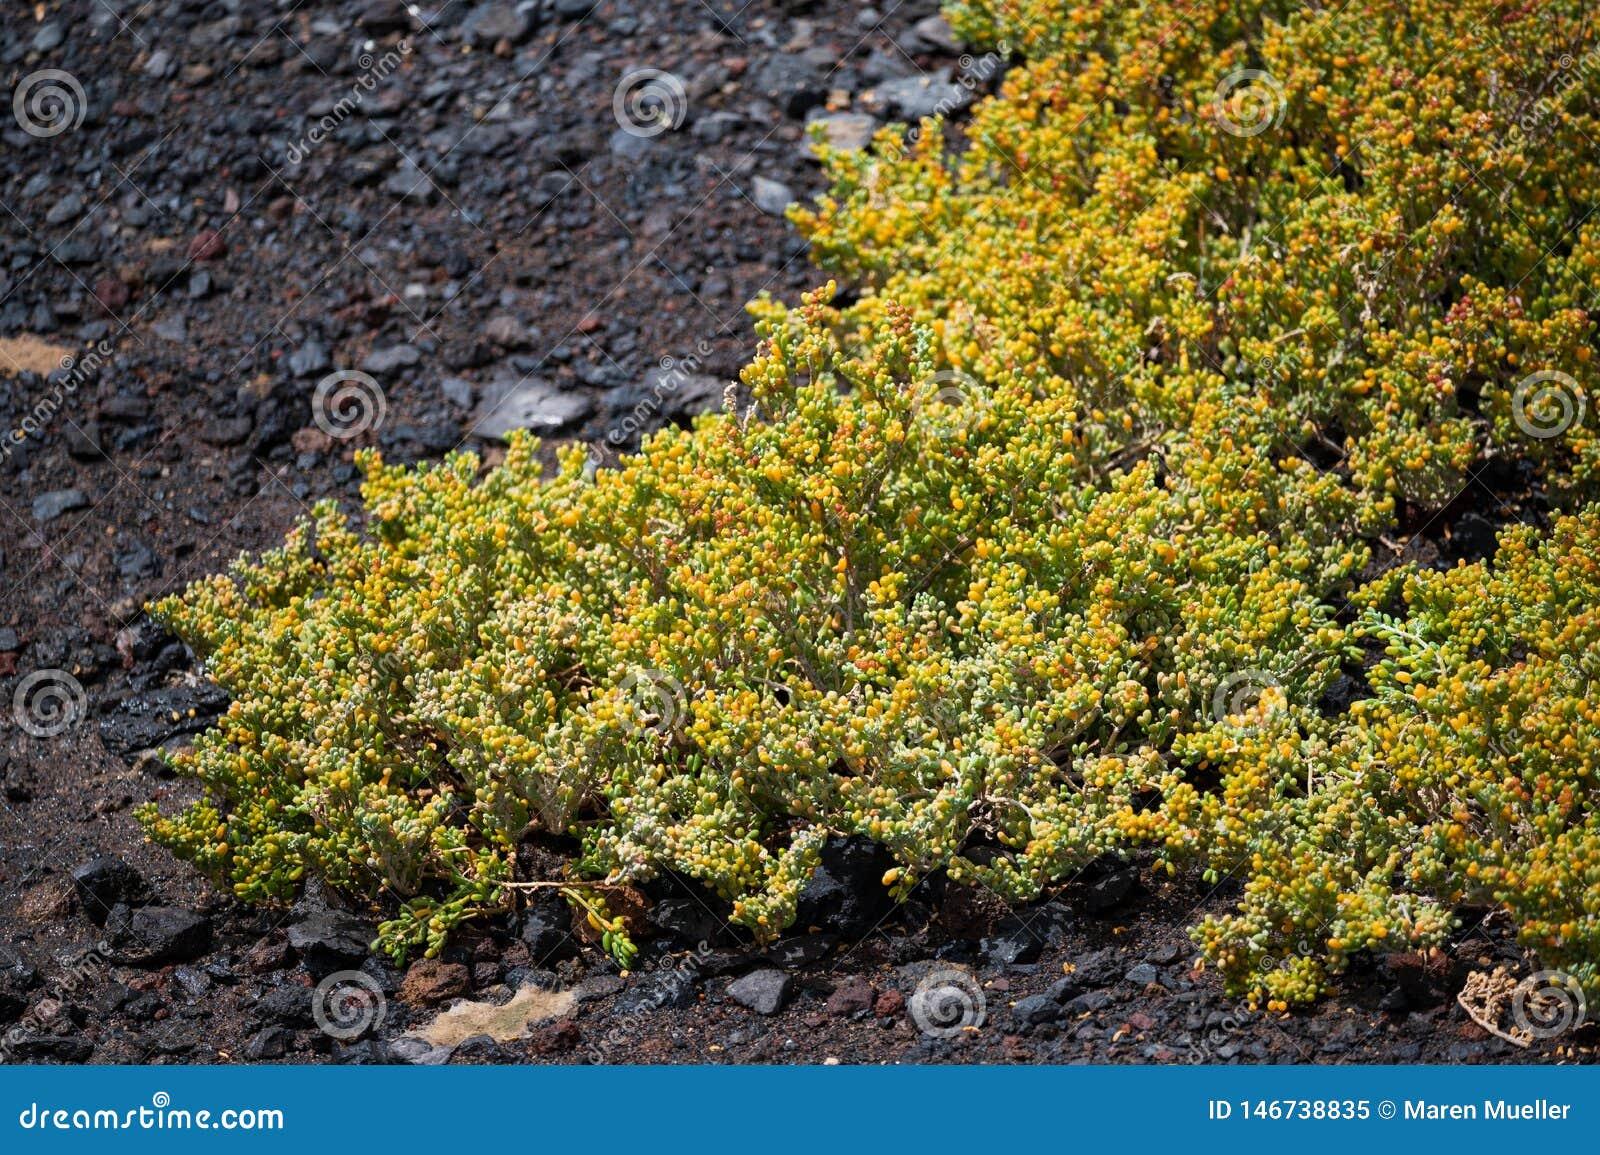 Det vetenskapliga namnet av denna växt är